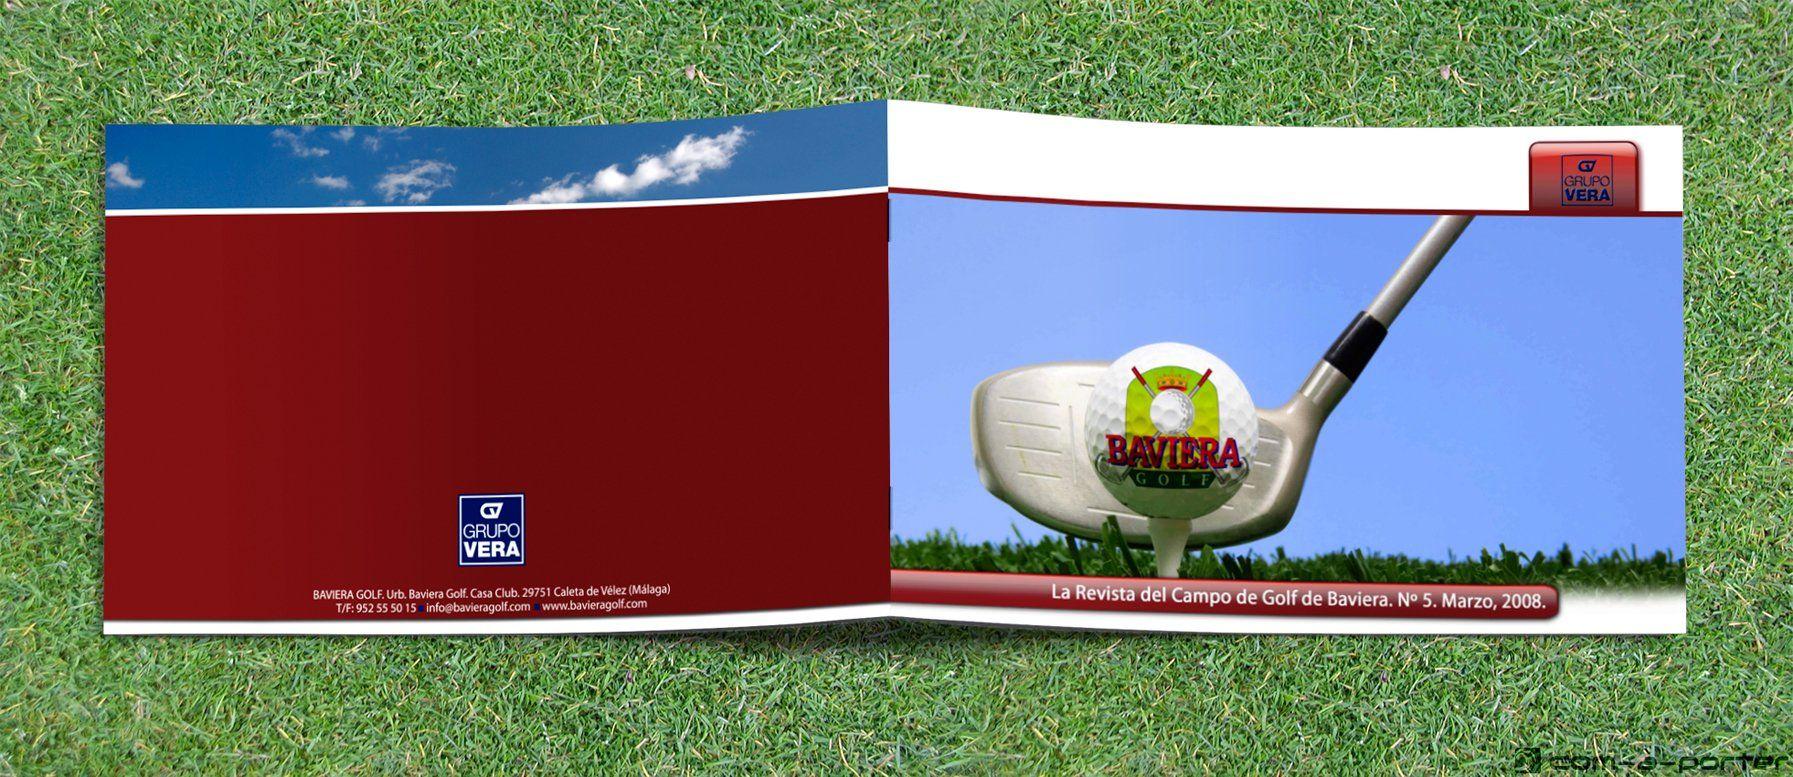 Maquetación De La Revista Del Campo De Golf De Baviera Campo De Golf Baviera Revistas